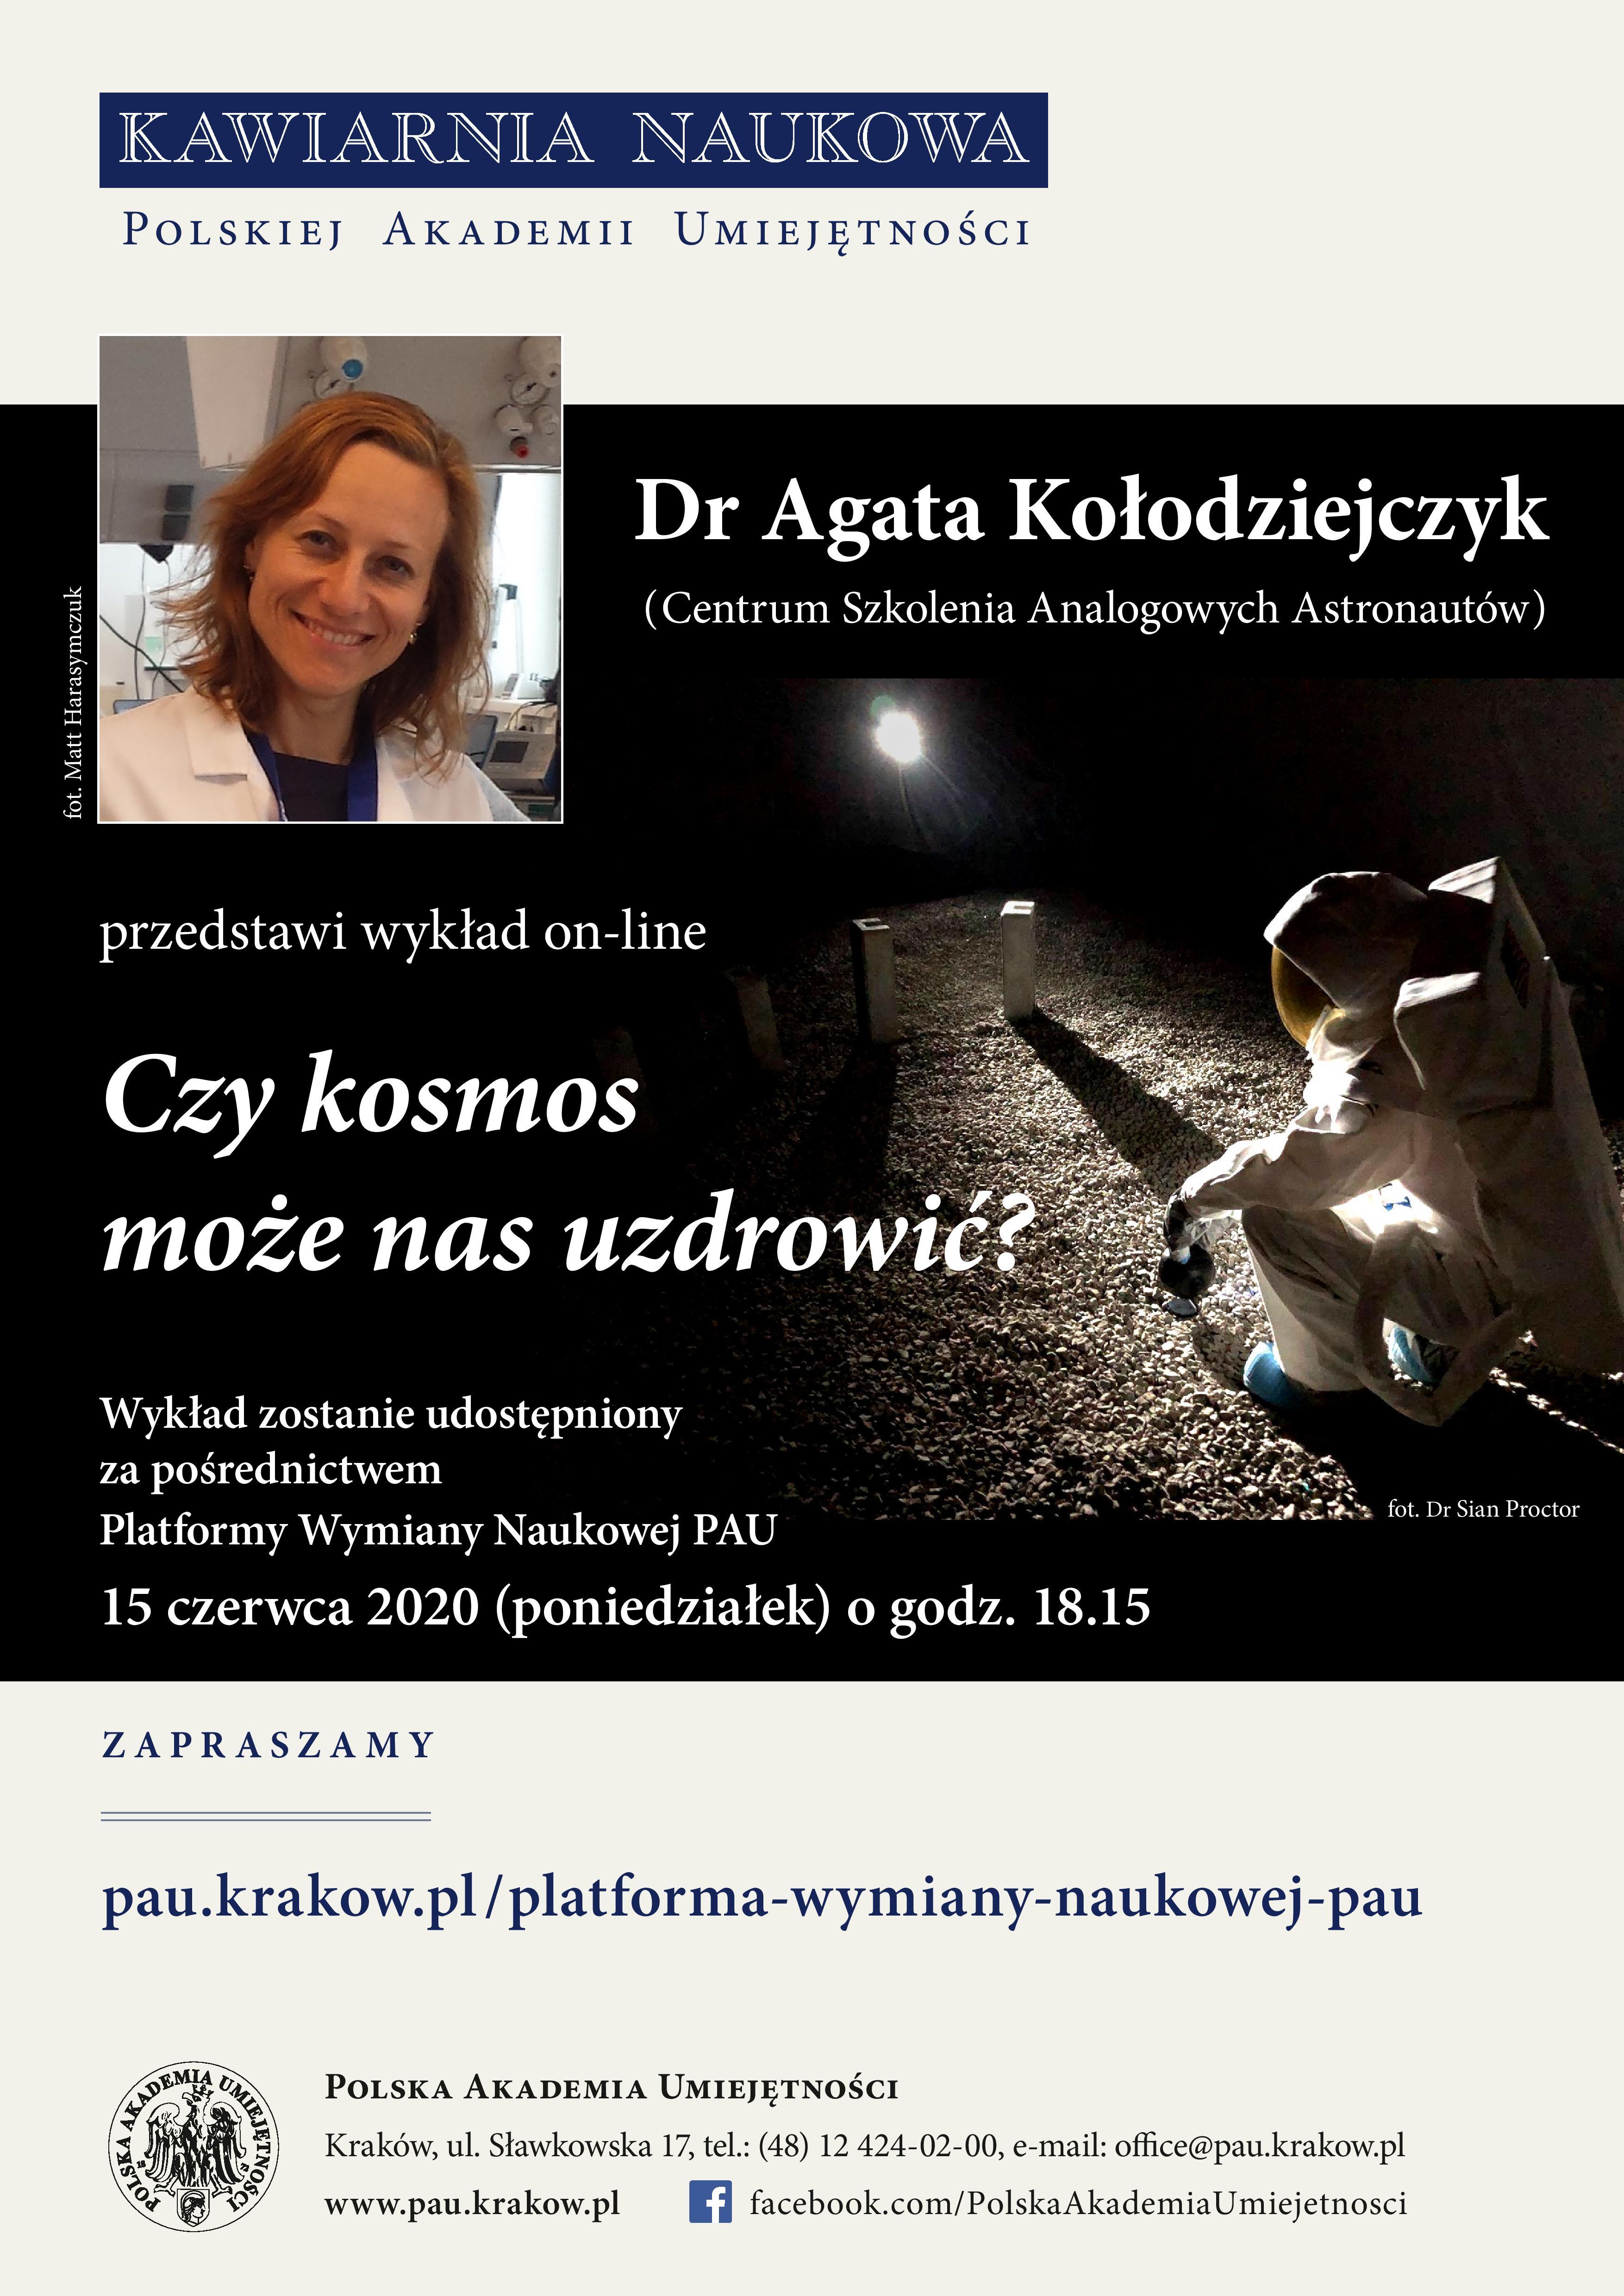 Dr Agata Kołodziejczyk - Czykosmos może nas uzdrowić? Kawiarnia Naukowa PAU @ Online